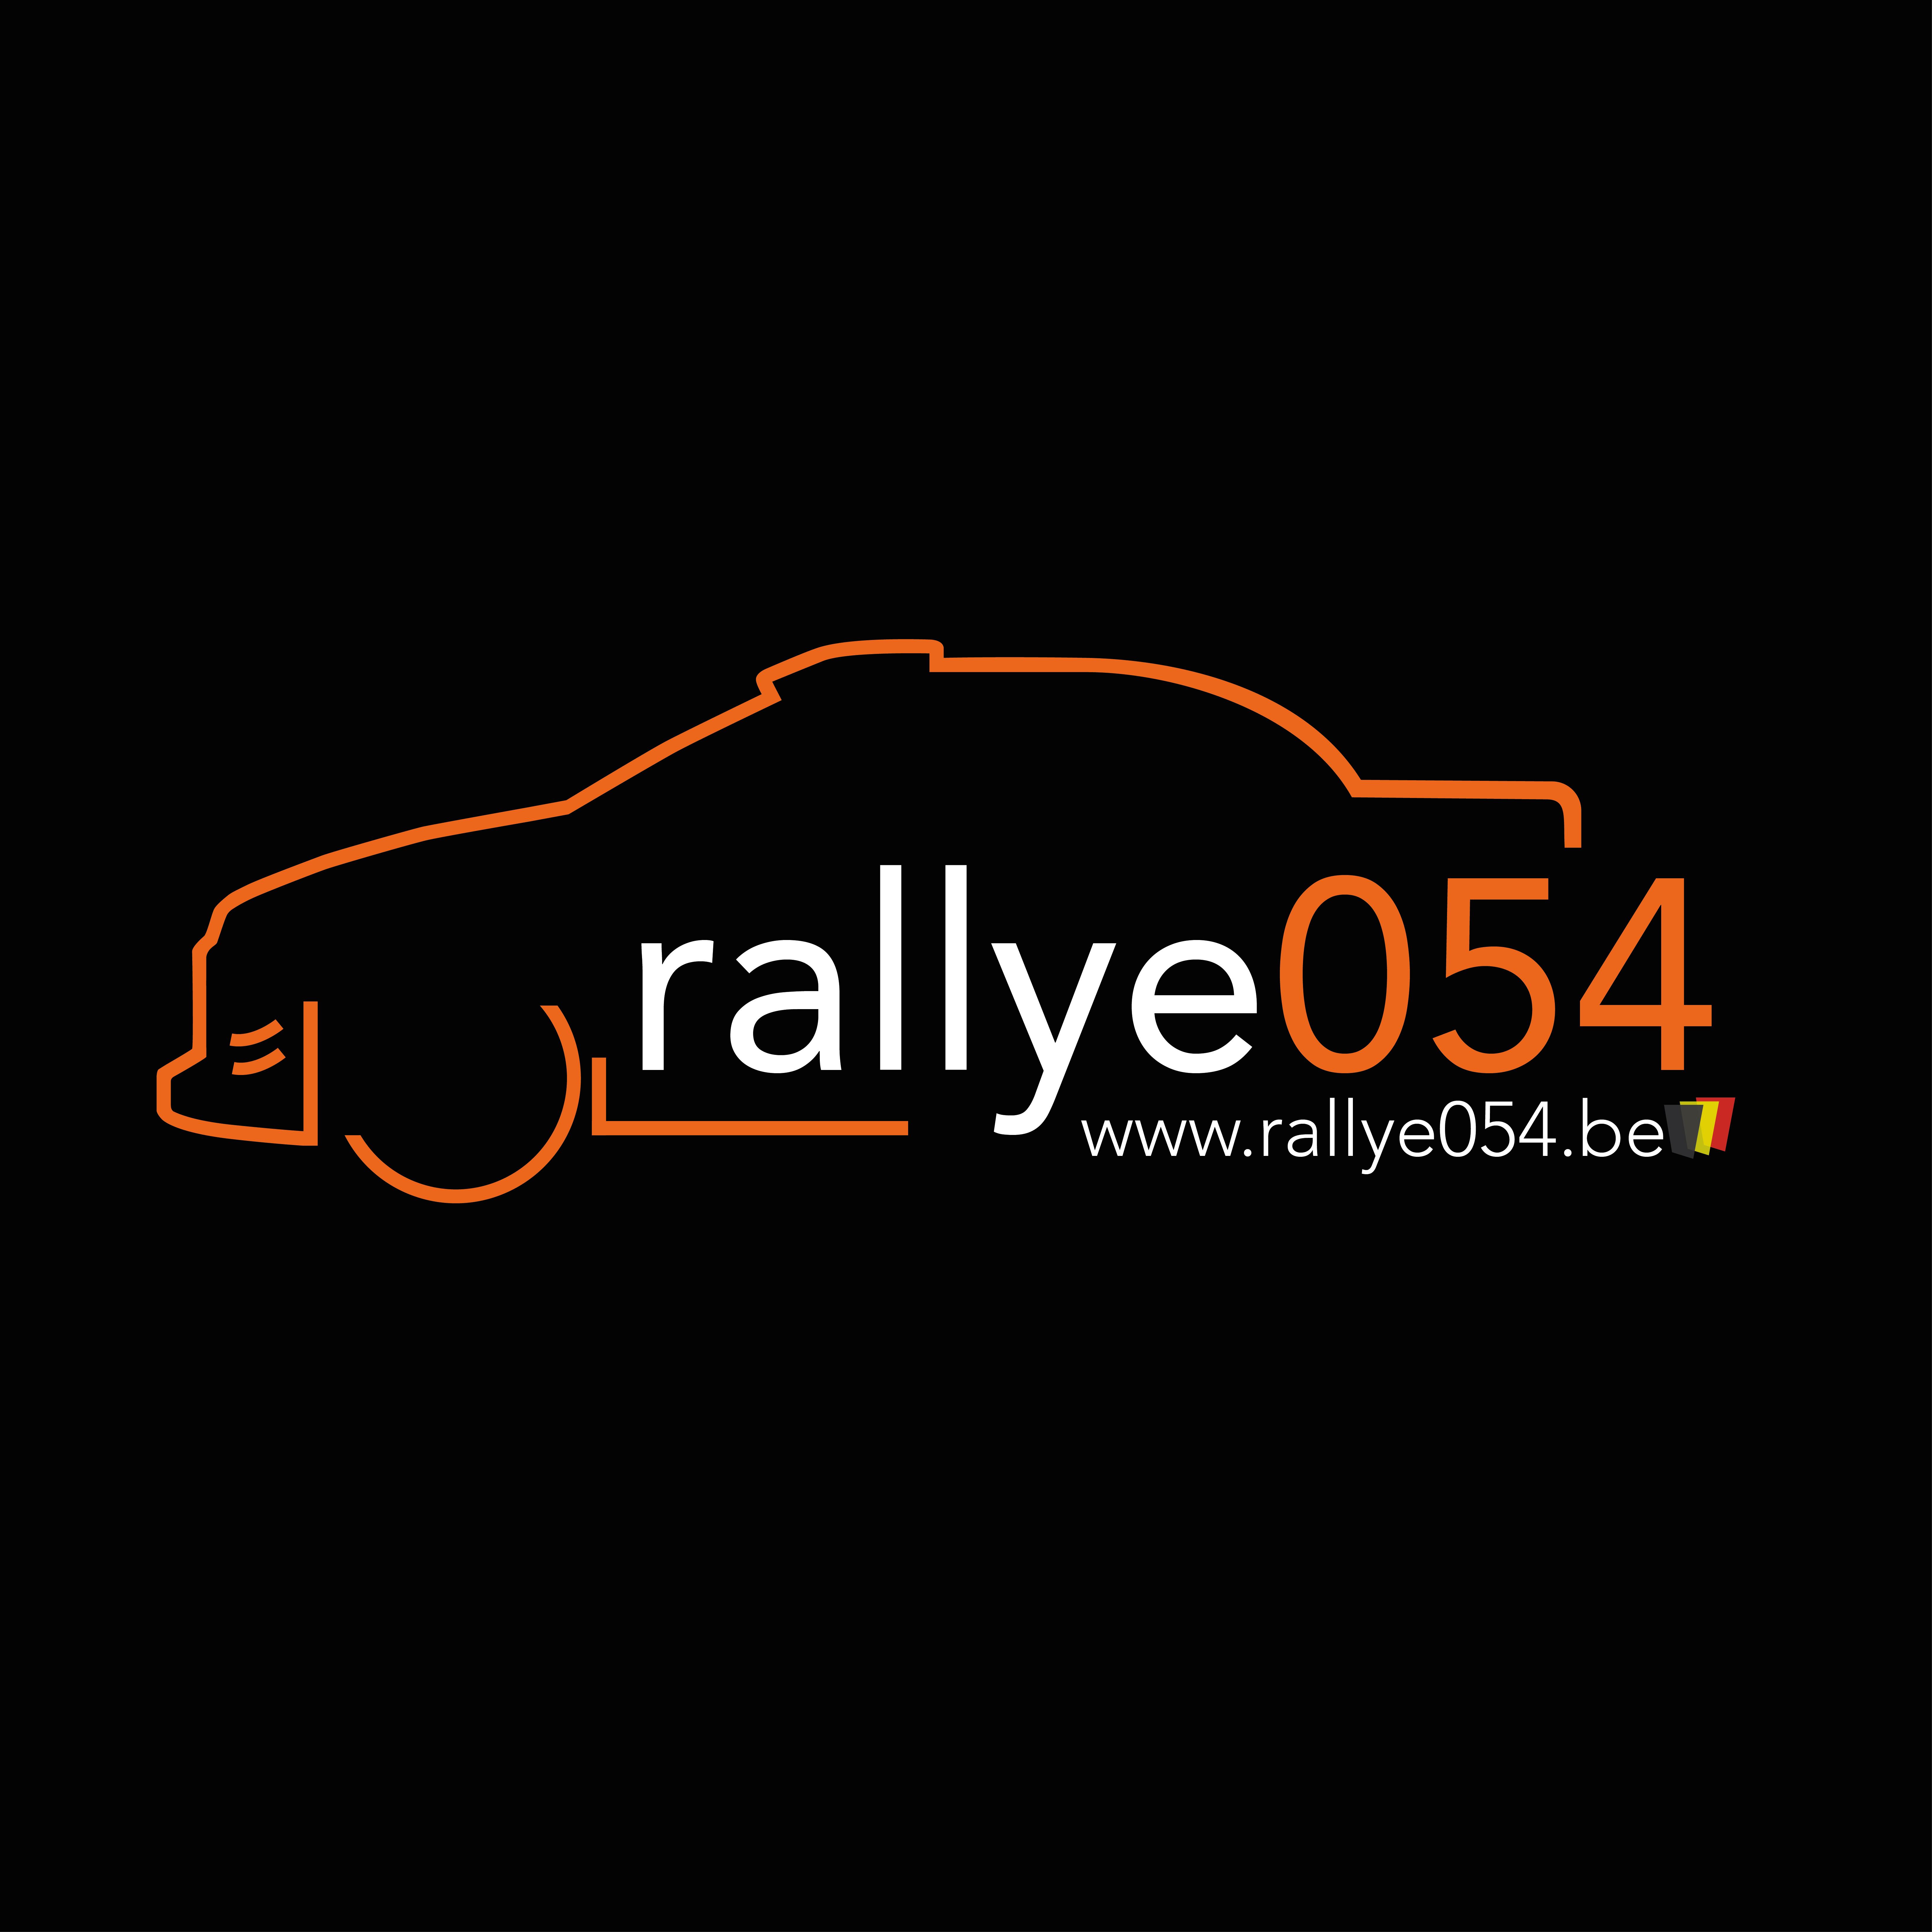 logo Rallye054